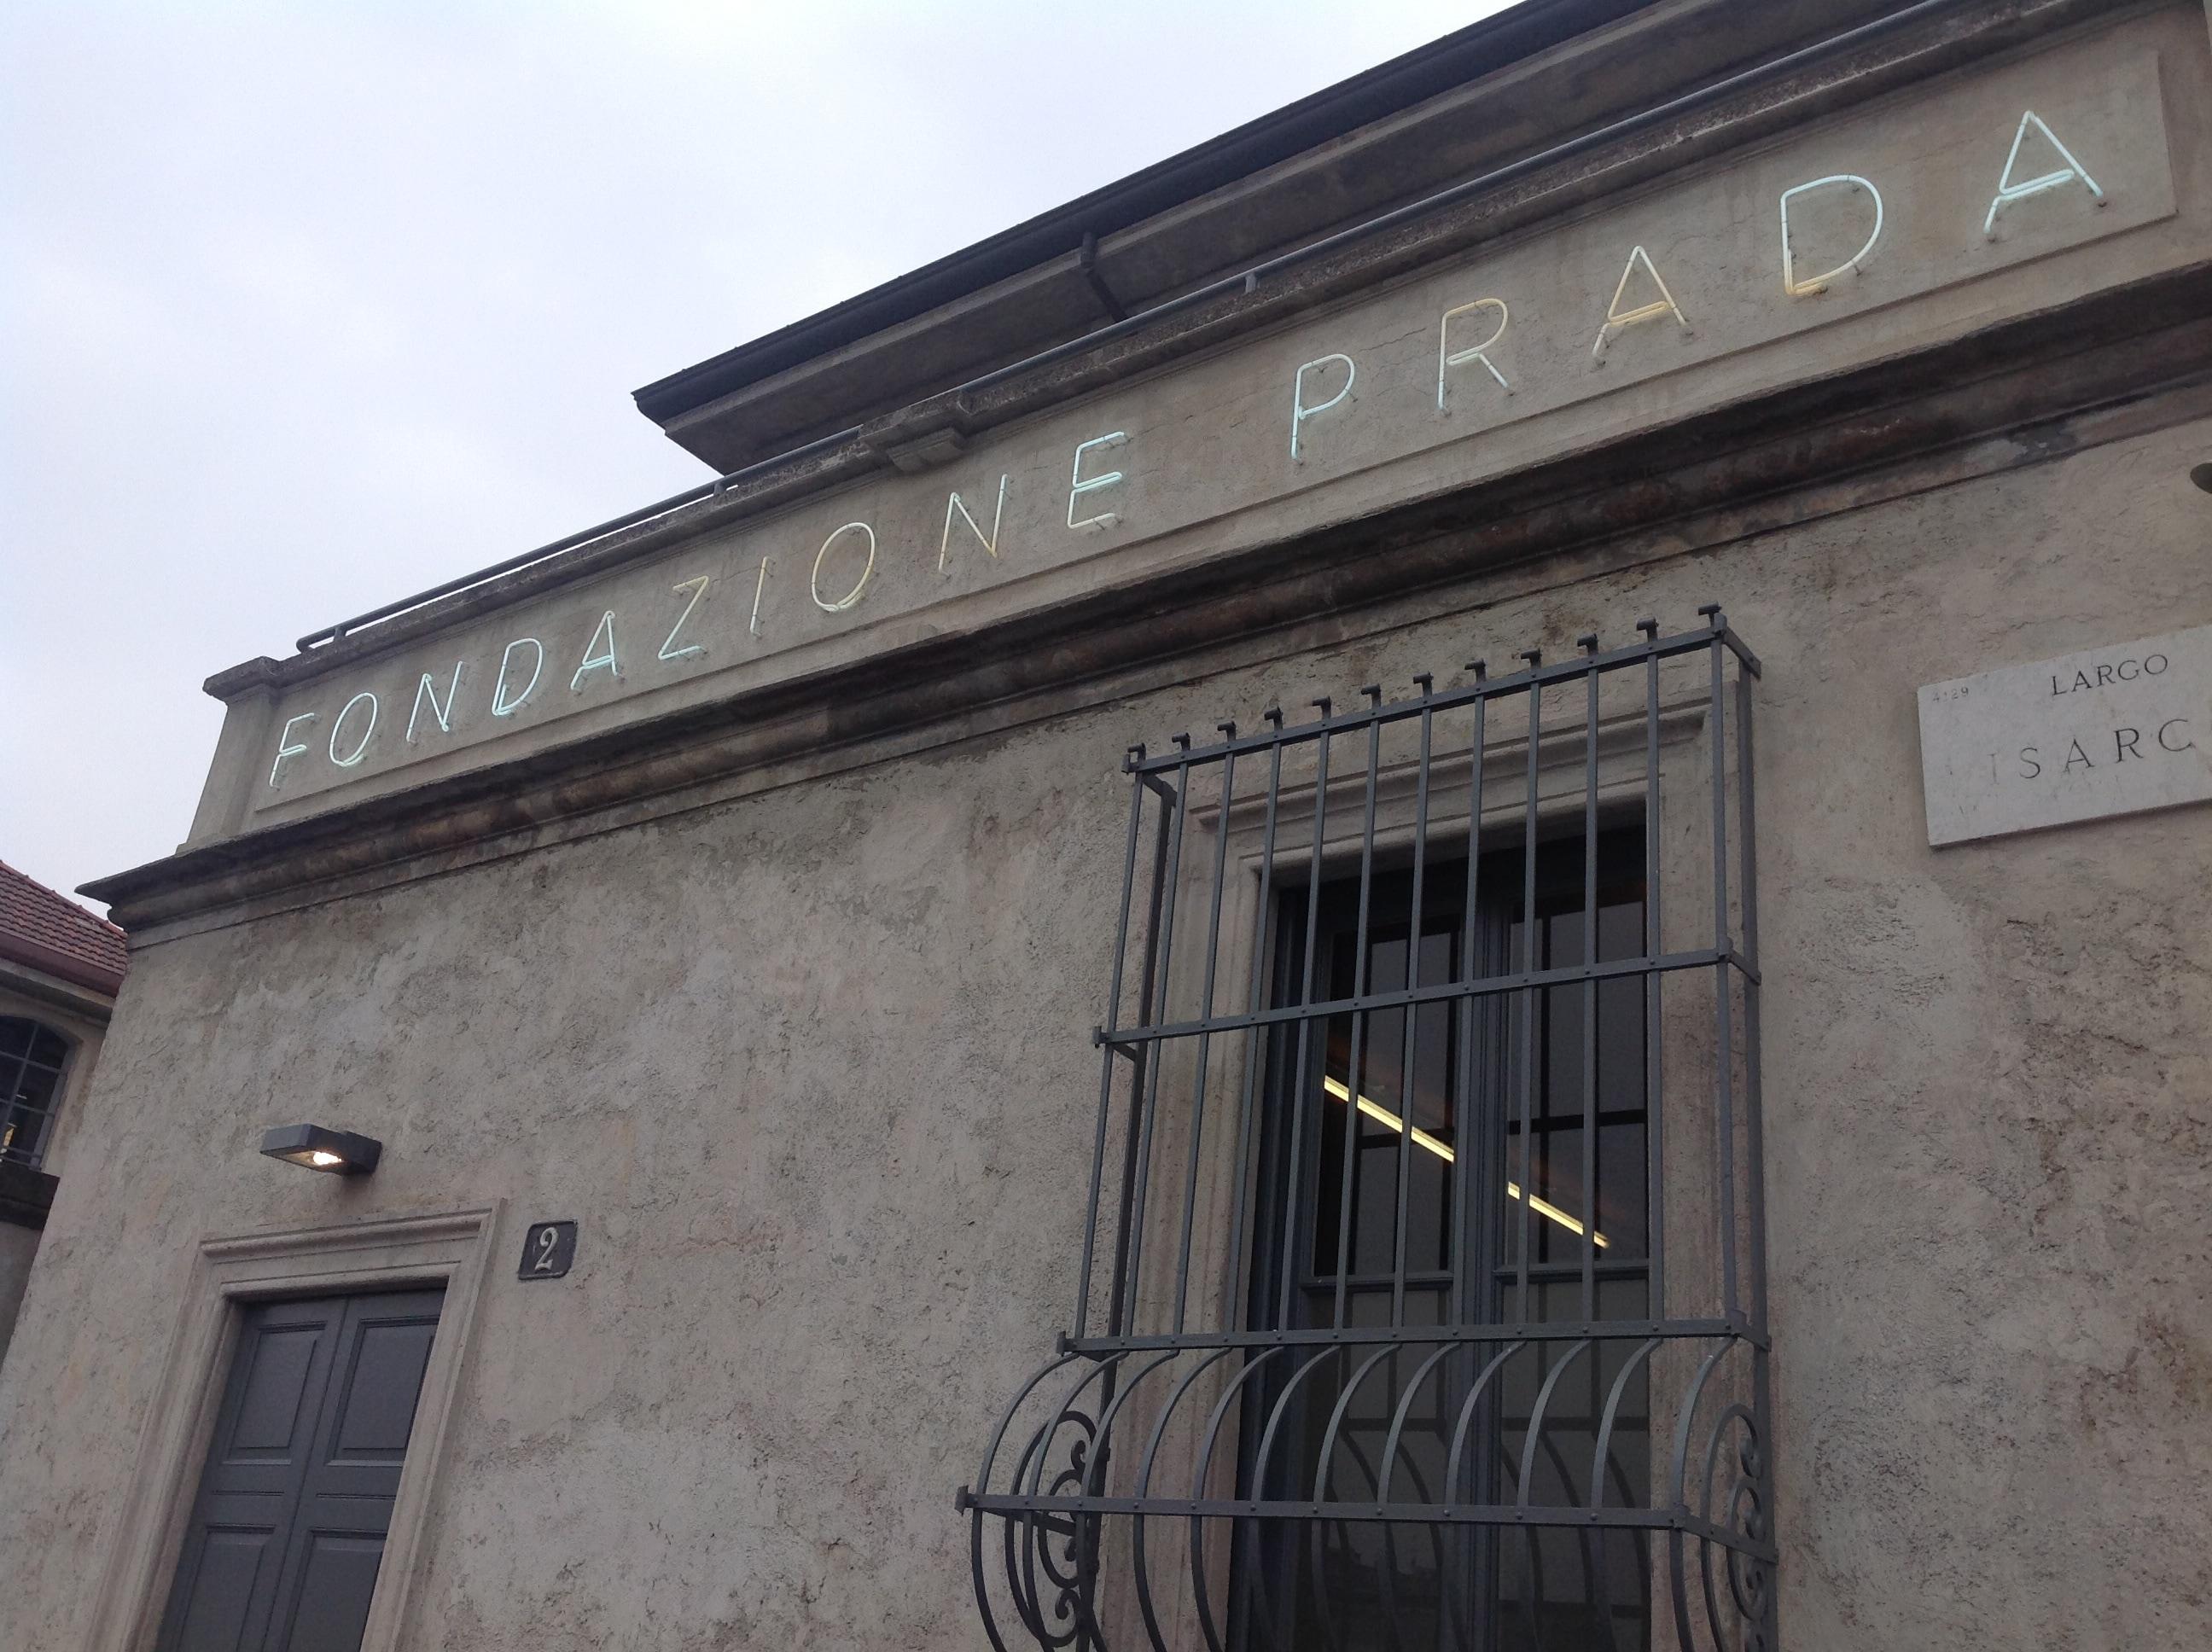 La nuova sede della Fondazione Prada a Milano